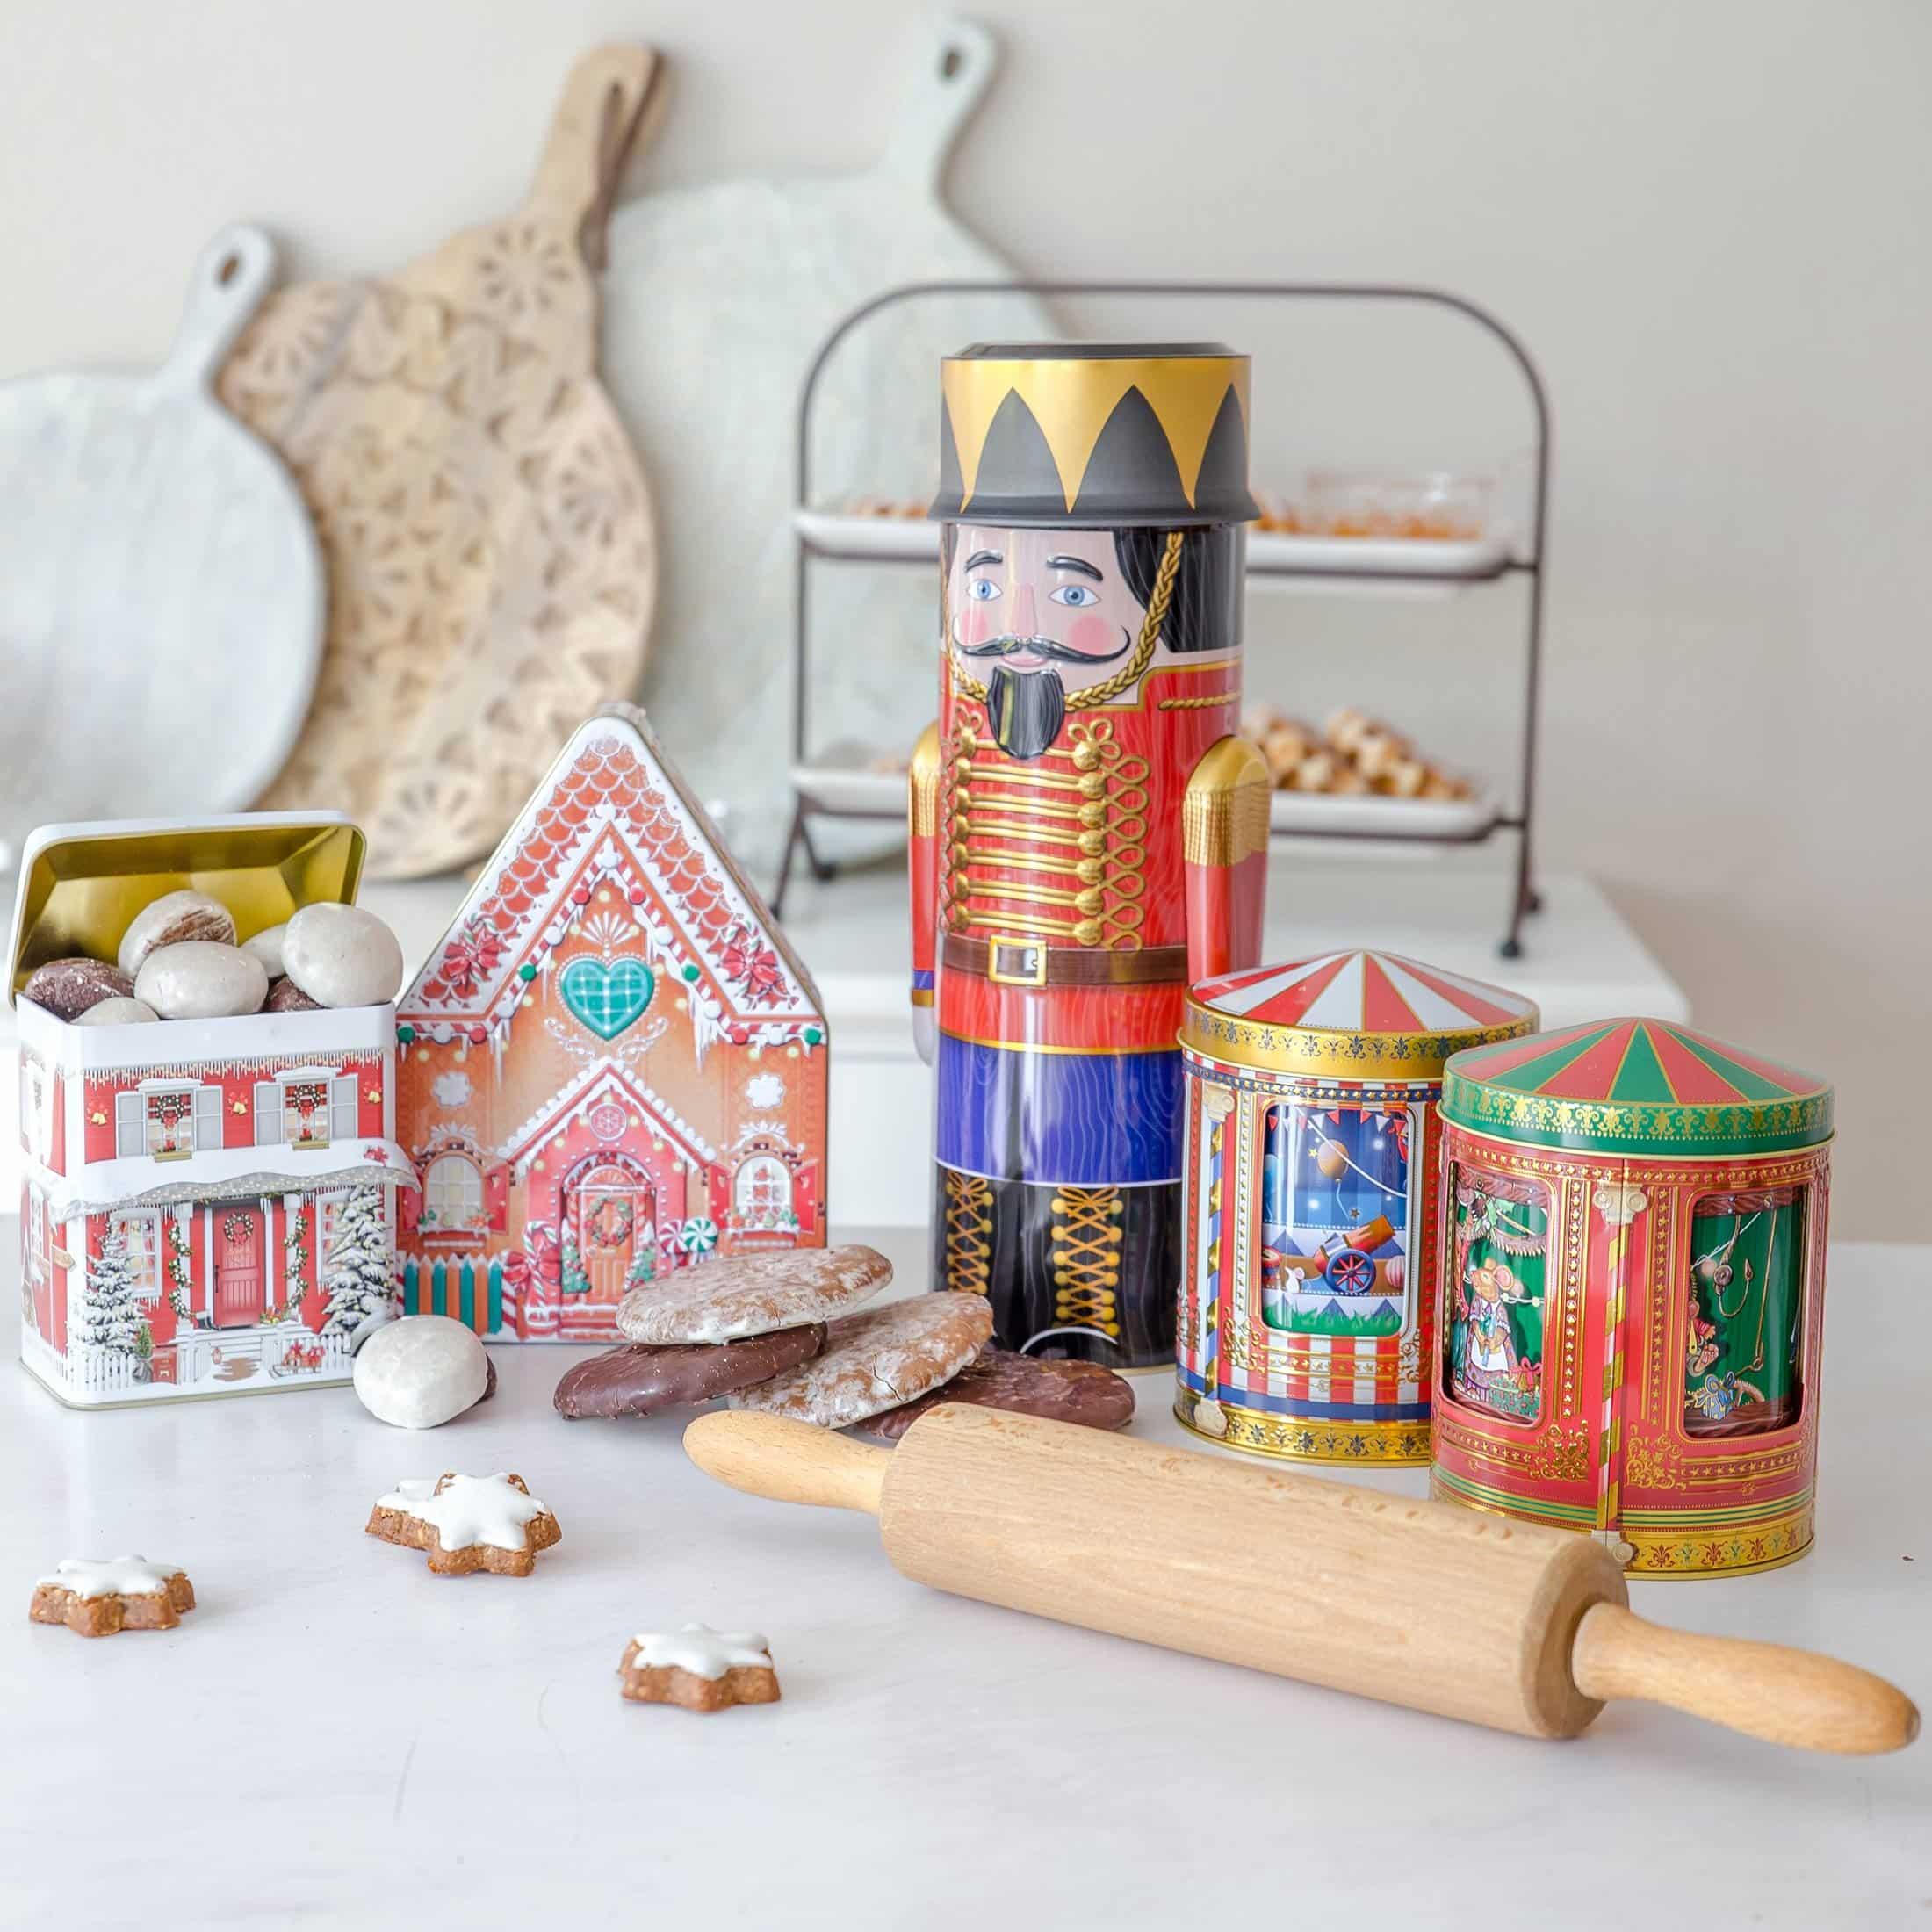 Spieluhrdosen für Plätzchen ♥ Schöne Keksdosen aus England. Das Karussell in der Mitte dreht sich und spielt eine Melodie ☆ Plätzchen-Dosen kaufen im Soulbirdee Onlineshop